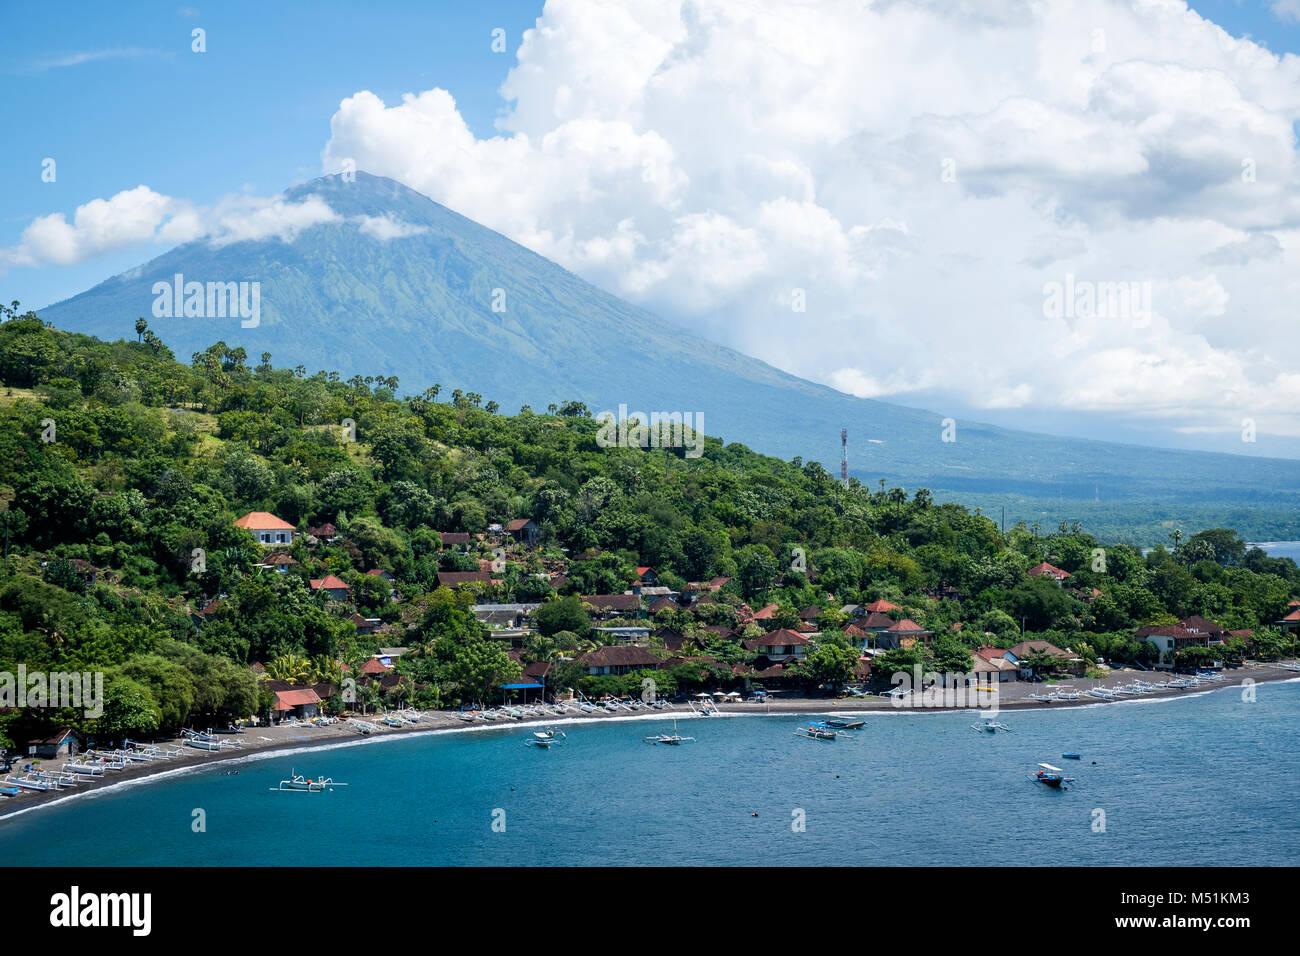 Jemeluk Beach and Gunung Agung volcano seen from Jemeluk Viewpoint, Karangasem Regency, Bali, Indonesia. - Stock Image